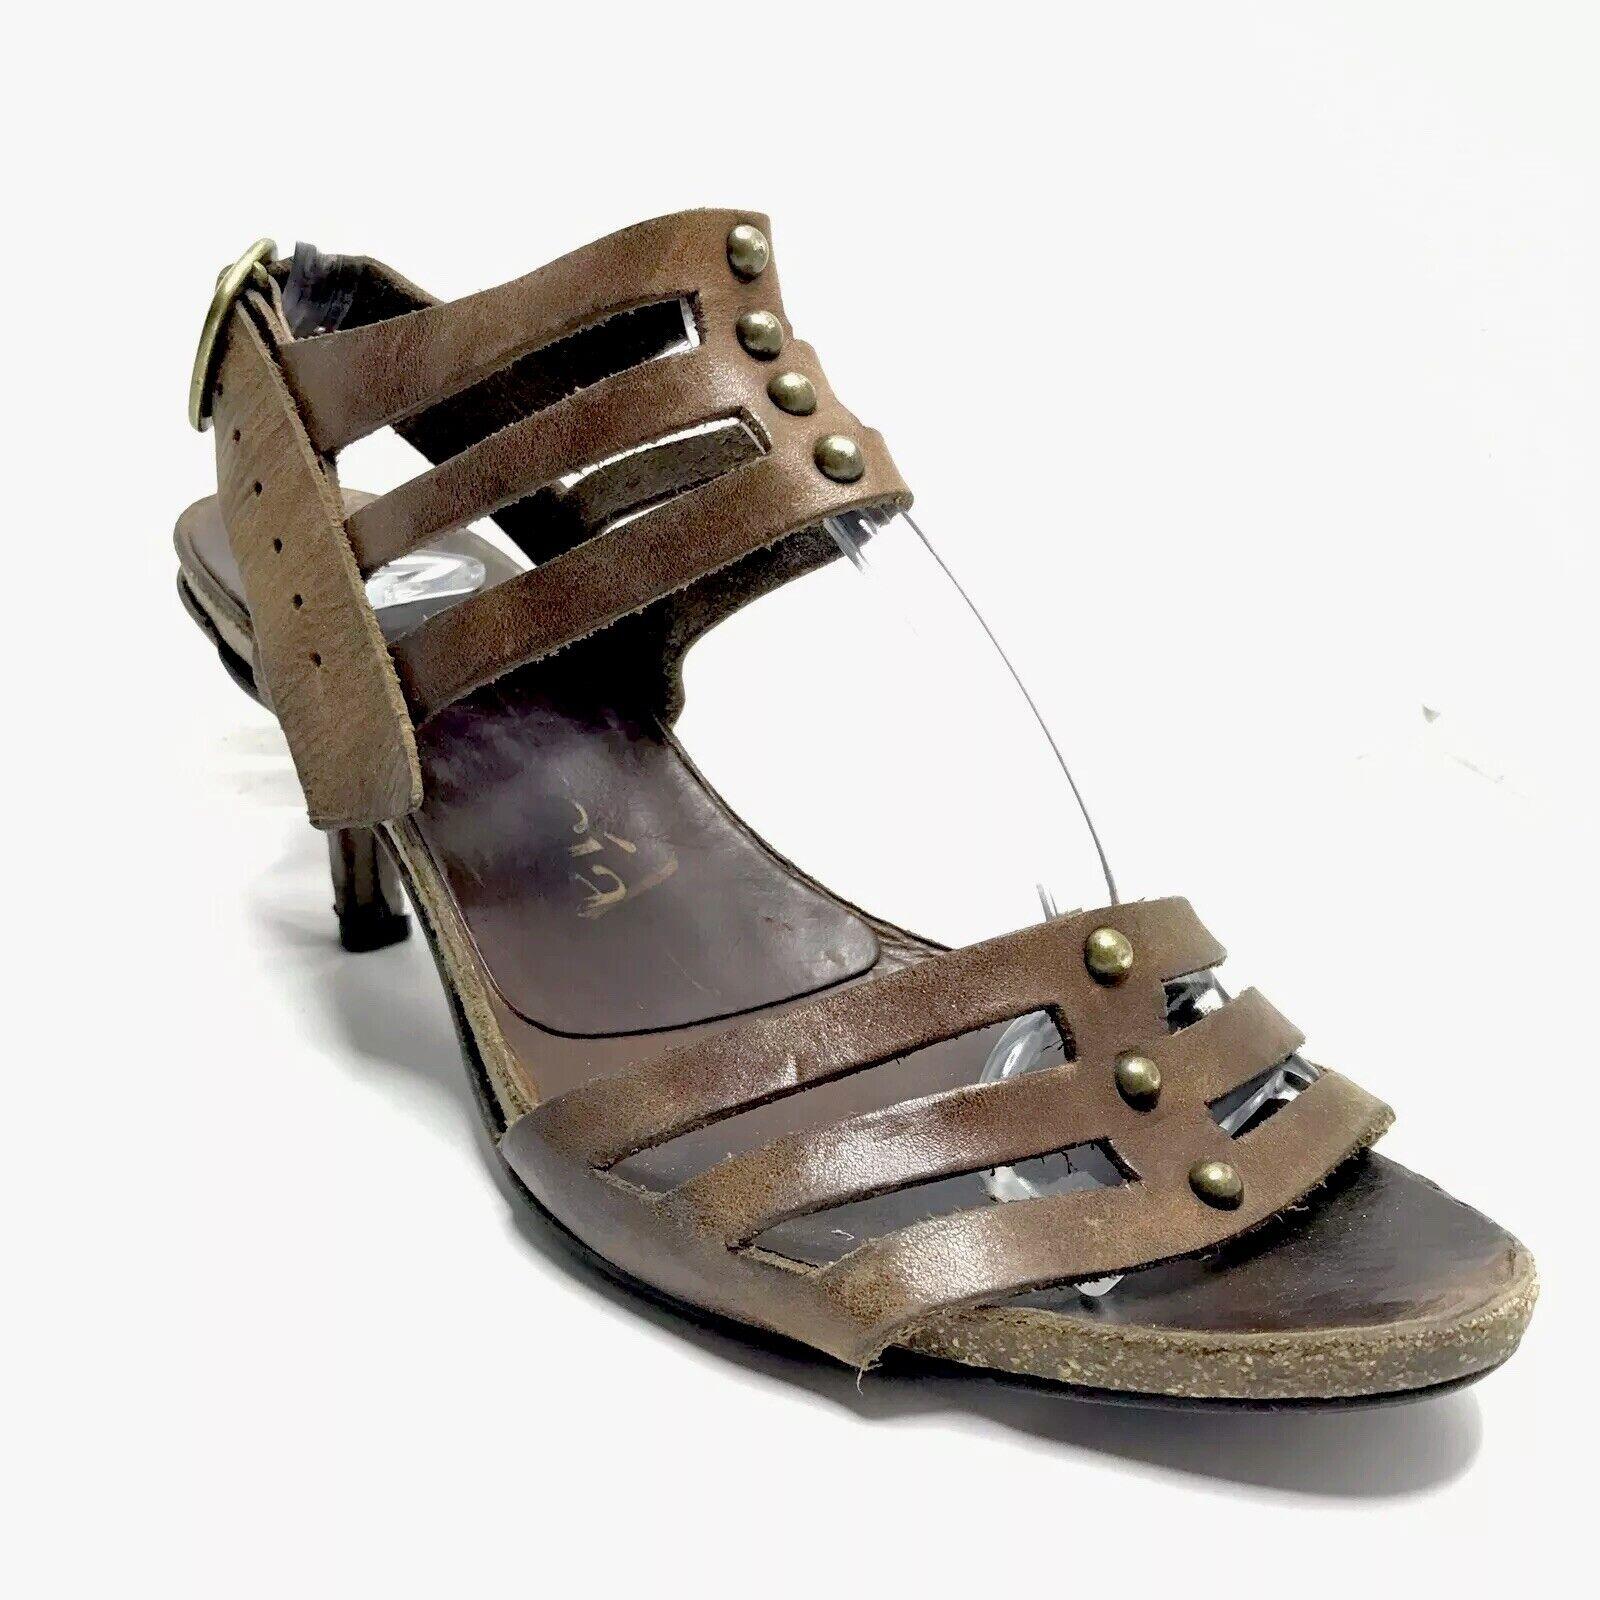 Pedro Garcia talón sandalias de correa marrón cuero para mujer Talla 41